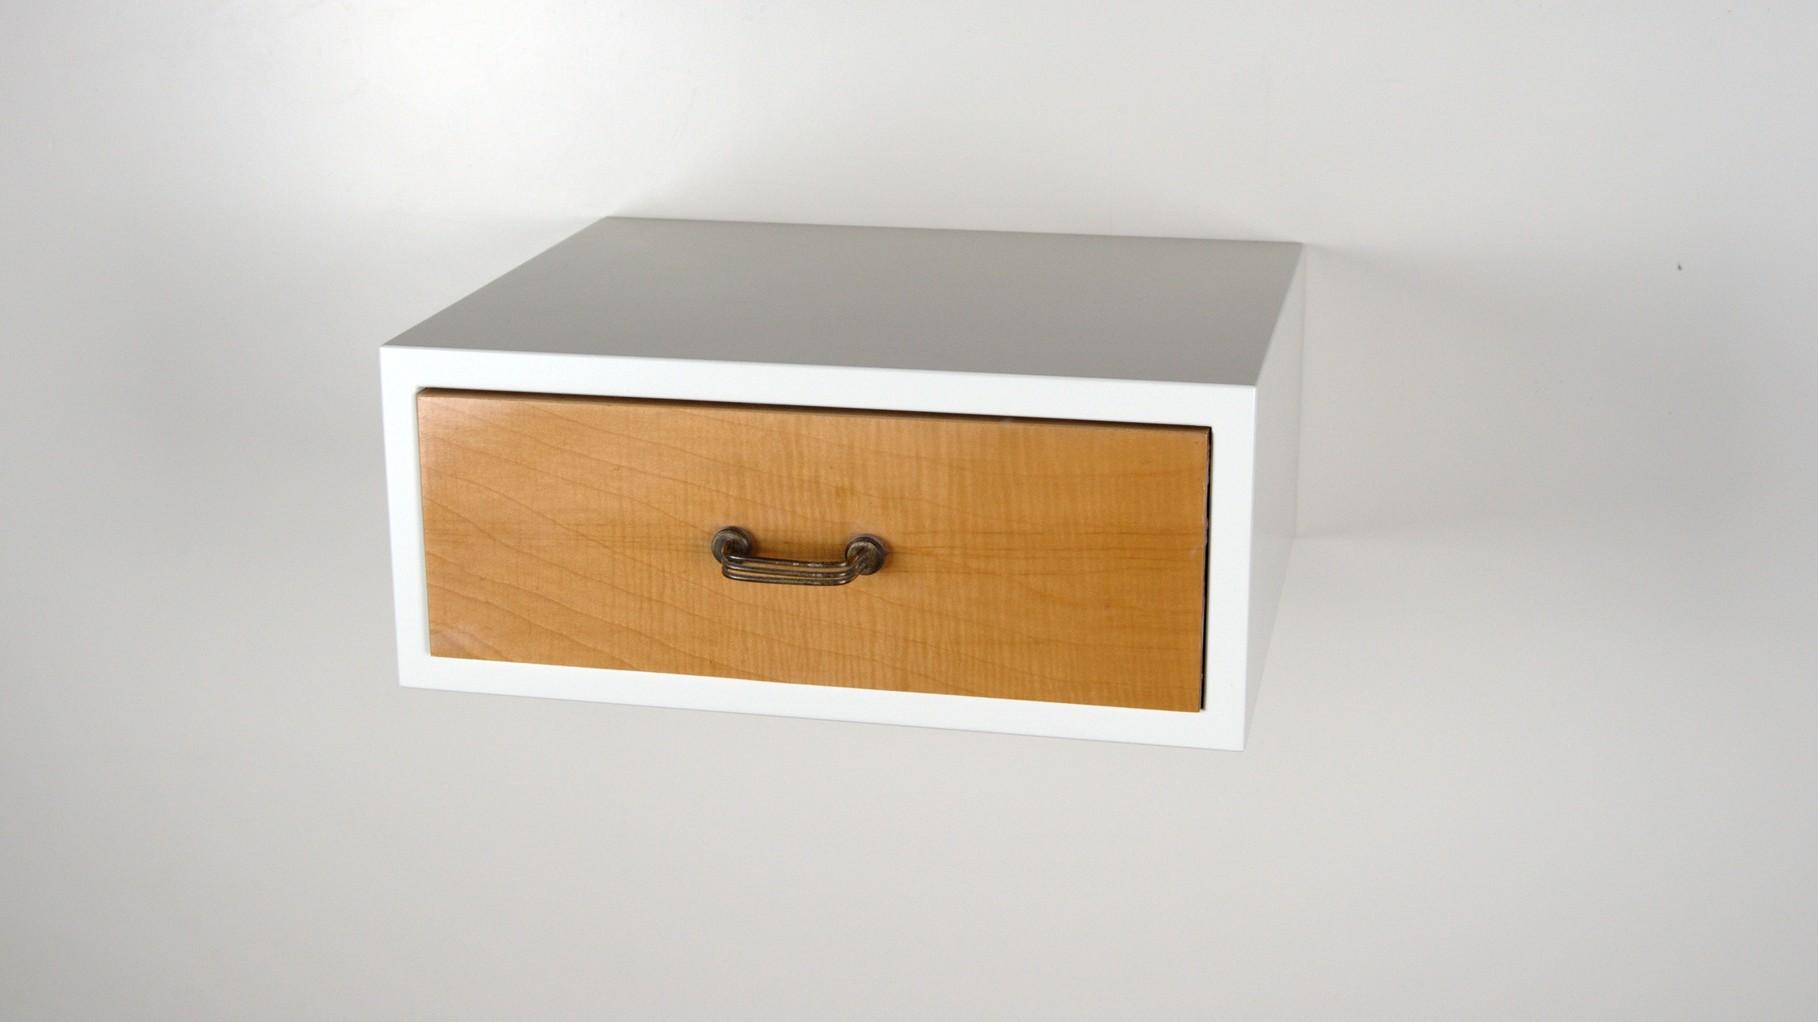 Möbel 5214 Nachtkasten Mit Schubladen Neuformat Möbeldesign